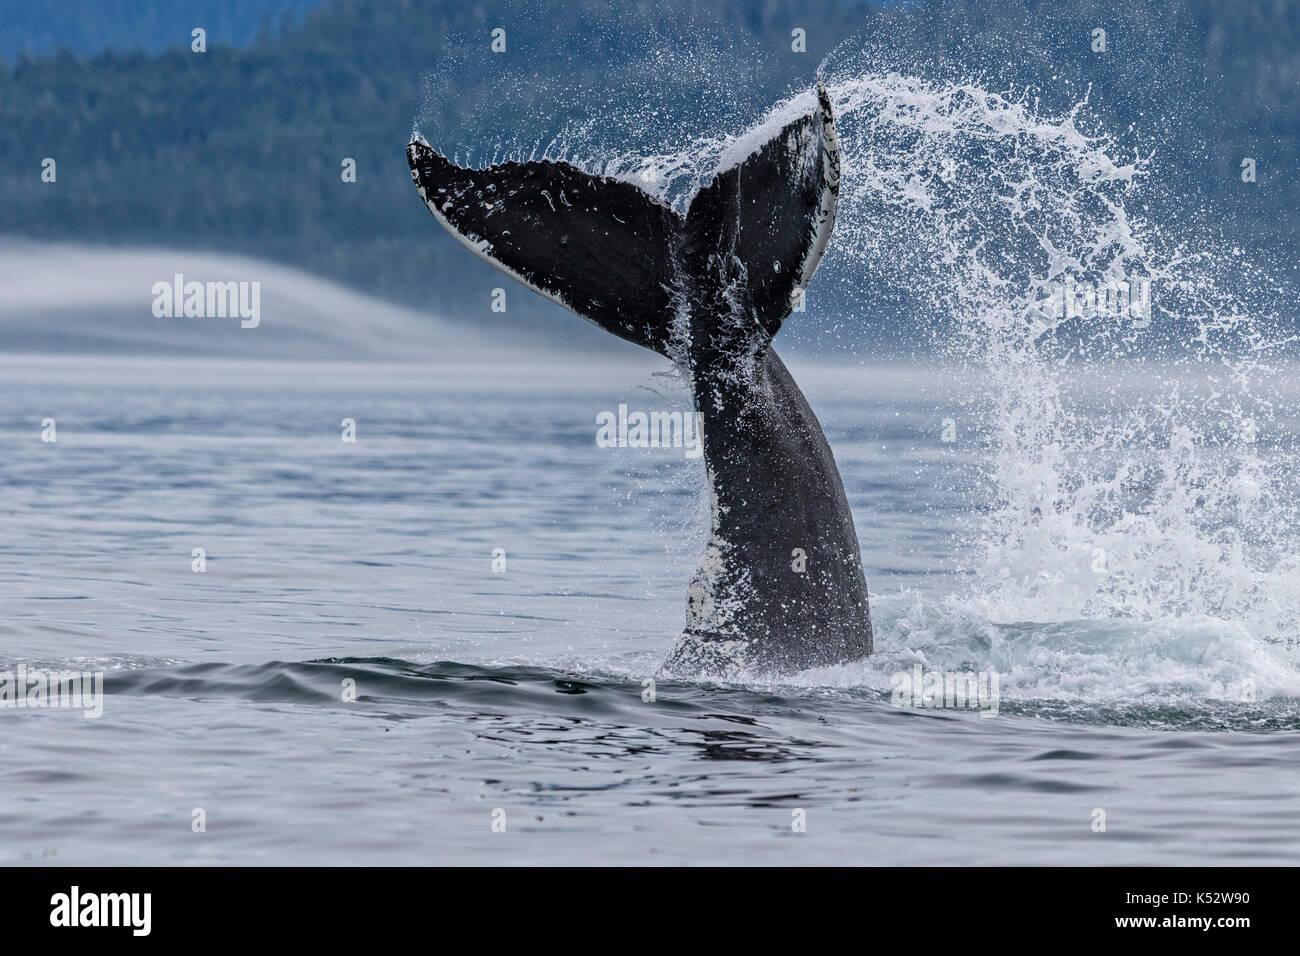 Humpback Whale schizzi con la sua coda in Queen Charlotte strait off nord isola di Vancouver, British Columbia, Canada. Immagini Stock